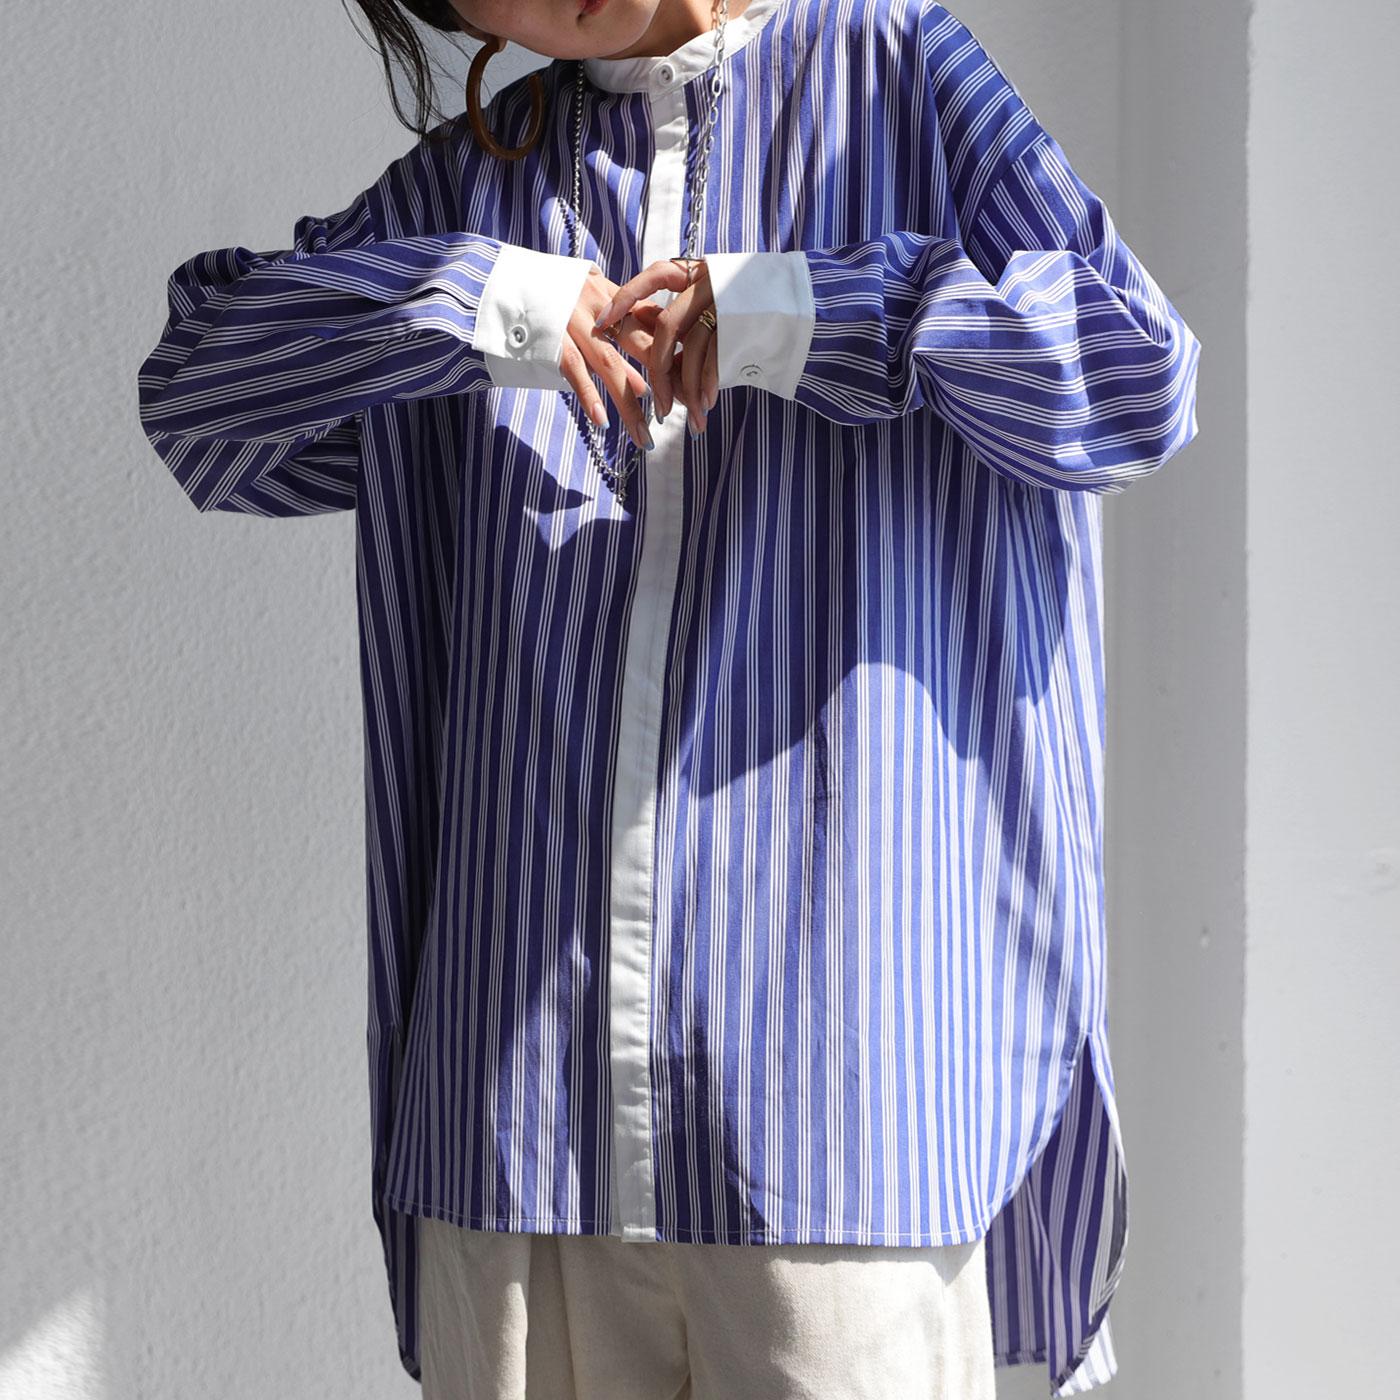 長袖 ストライプ 柄シャツ ゆったり 羽織り 全品最安値に挑戦 綿混 驚きの価格が実現 ユニセックス オーバーシャツ スタンドカラー バンドカラー 前後差 大きいサイズ 8月24日10時~再販 柄 送料無料 ストライプシャツ オーバーサイズ トップス レディース メール便不可 シャツ ビッグシルエット